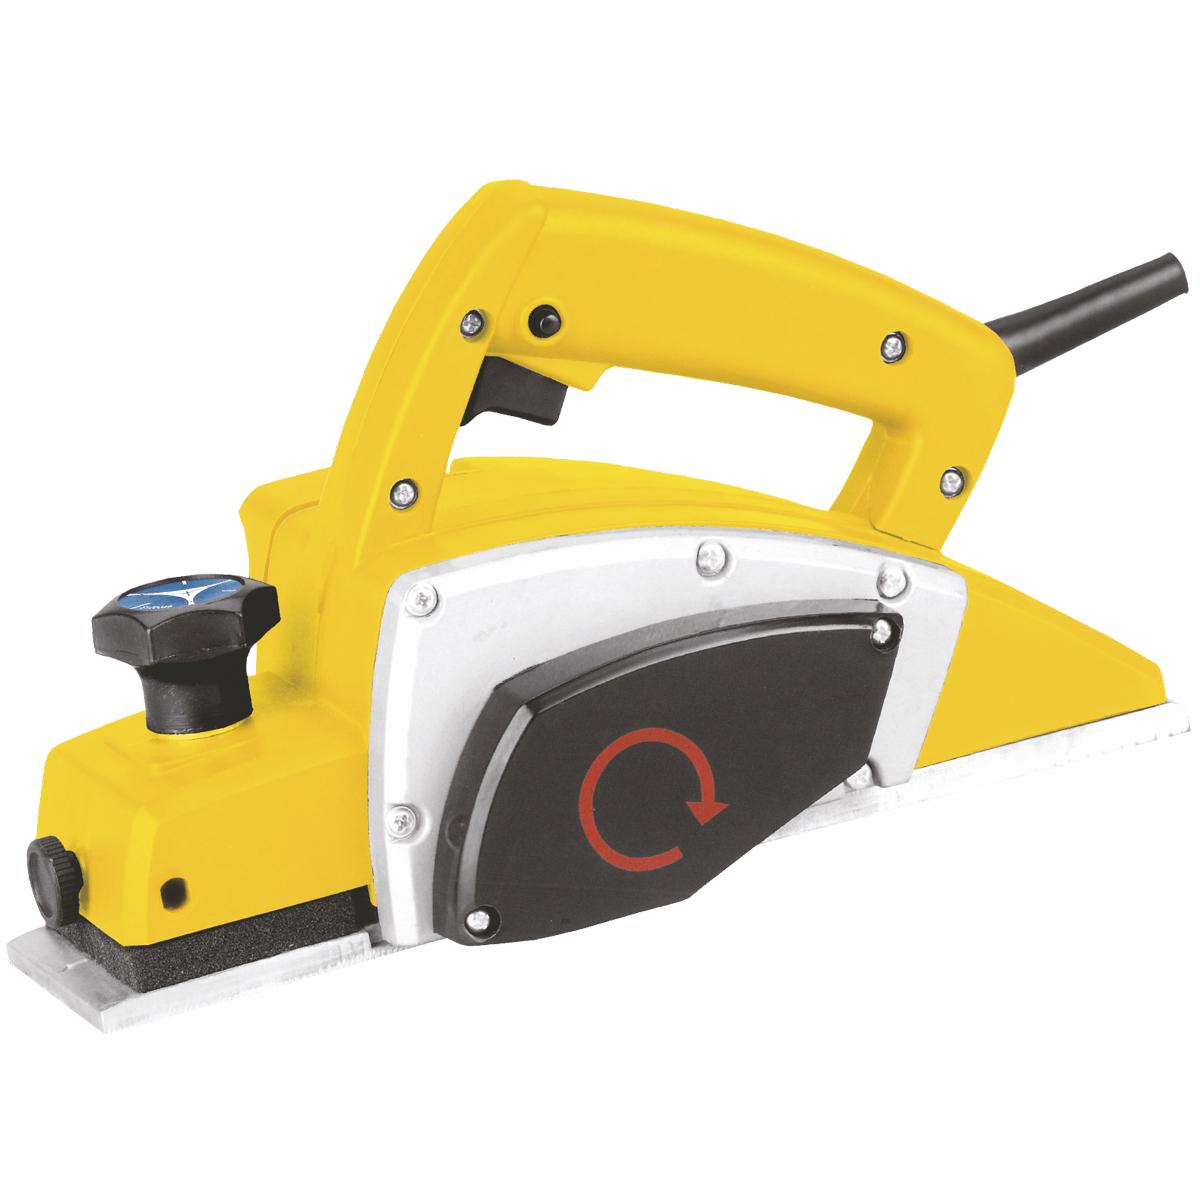 Рубанок Kolner KEP 600, электрическийкн600епЭлектрический рубанок Kolner KEP 600 предназначен для последовательного снятия слоев при строгании досок, обработки краев, фальцевания древесины и выборки четверти. Мощность двигателя и скорость вращения барабана обеспечивают высокую производительность.Блокировка кнопки запуска защищает инструмент от случайных включений. Рубанок поставляется с параллельным упором, регулирующим ширину обработки материала. Пылеотвод позволяет подключать пылесос или мешок для сбора пыли. V-образный паз, расположенный на подошве, позволяет легко снять фаску под углом 45 градусов. Комбинированная рукоятка одновременно выполняет функции дополнительной рукоятки и регулятора глубины строгания. Электрический рубанок Kolner KEP 600M - ваш лучший помощник!Частота: 50 Гц.Размеры лезвия: 82 х 5,8 х 1,3 мм.